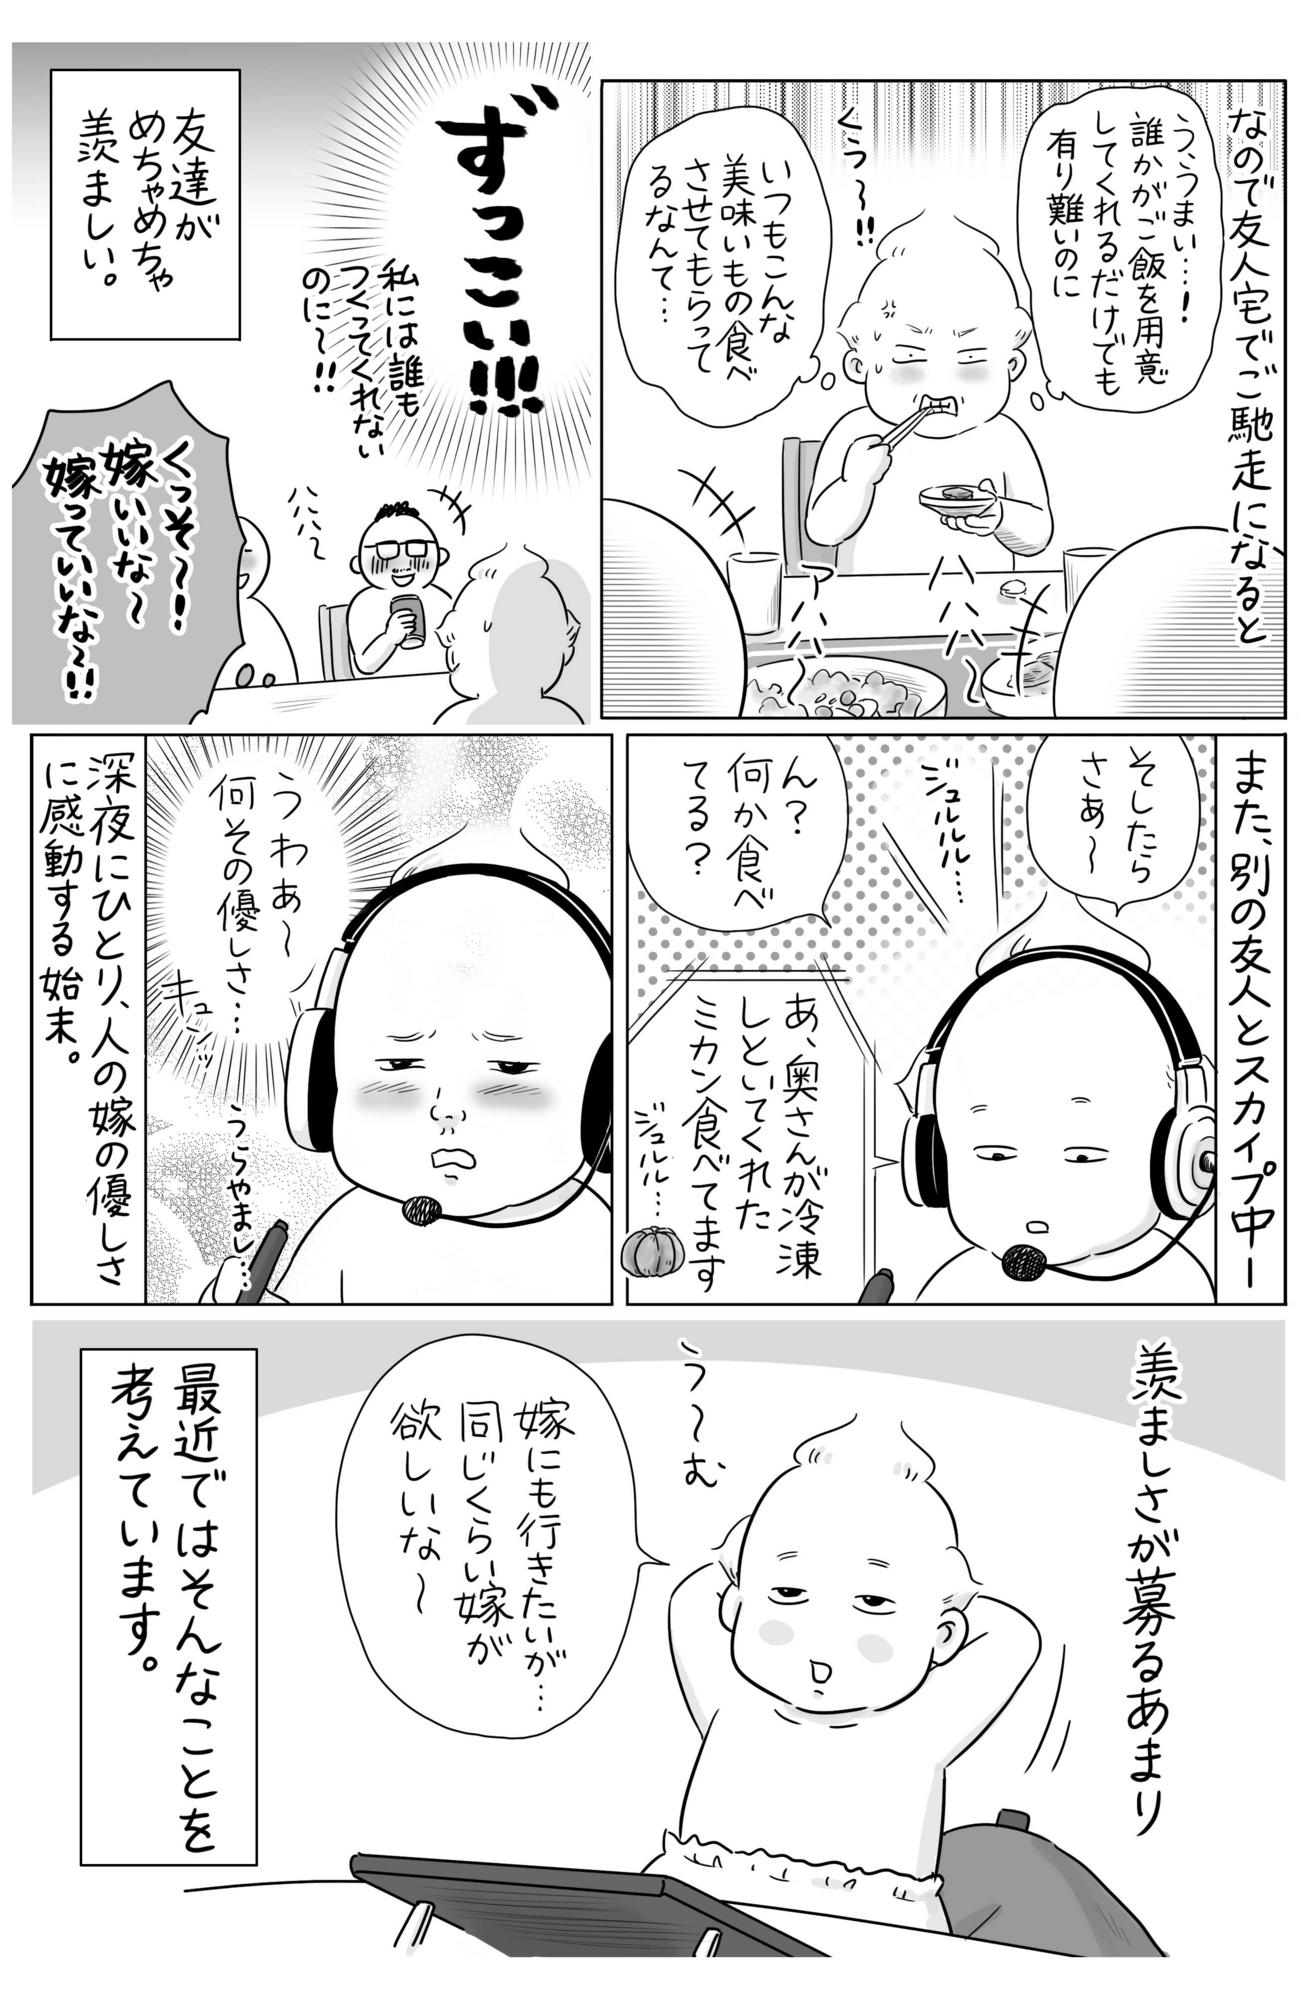 f:id:kakijiro:20160426165237j:plain